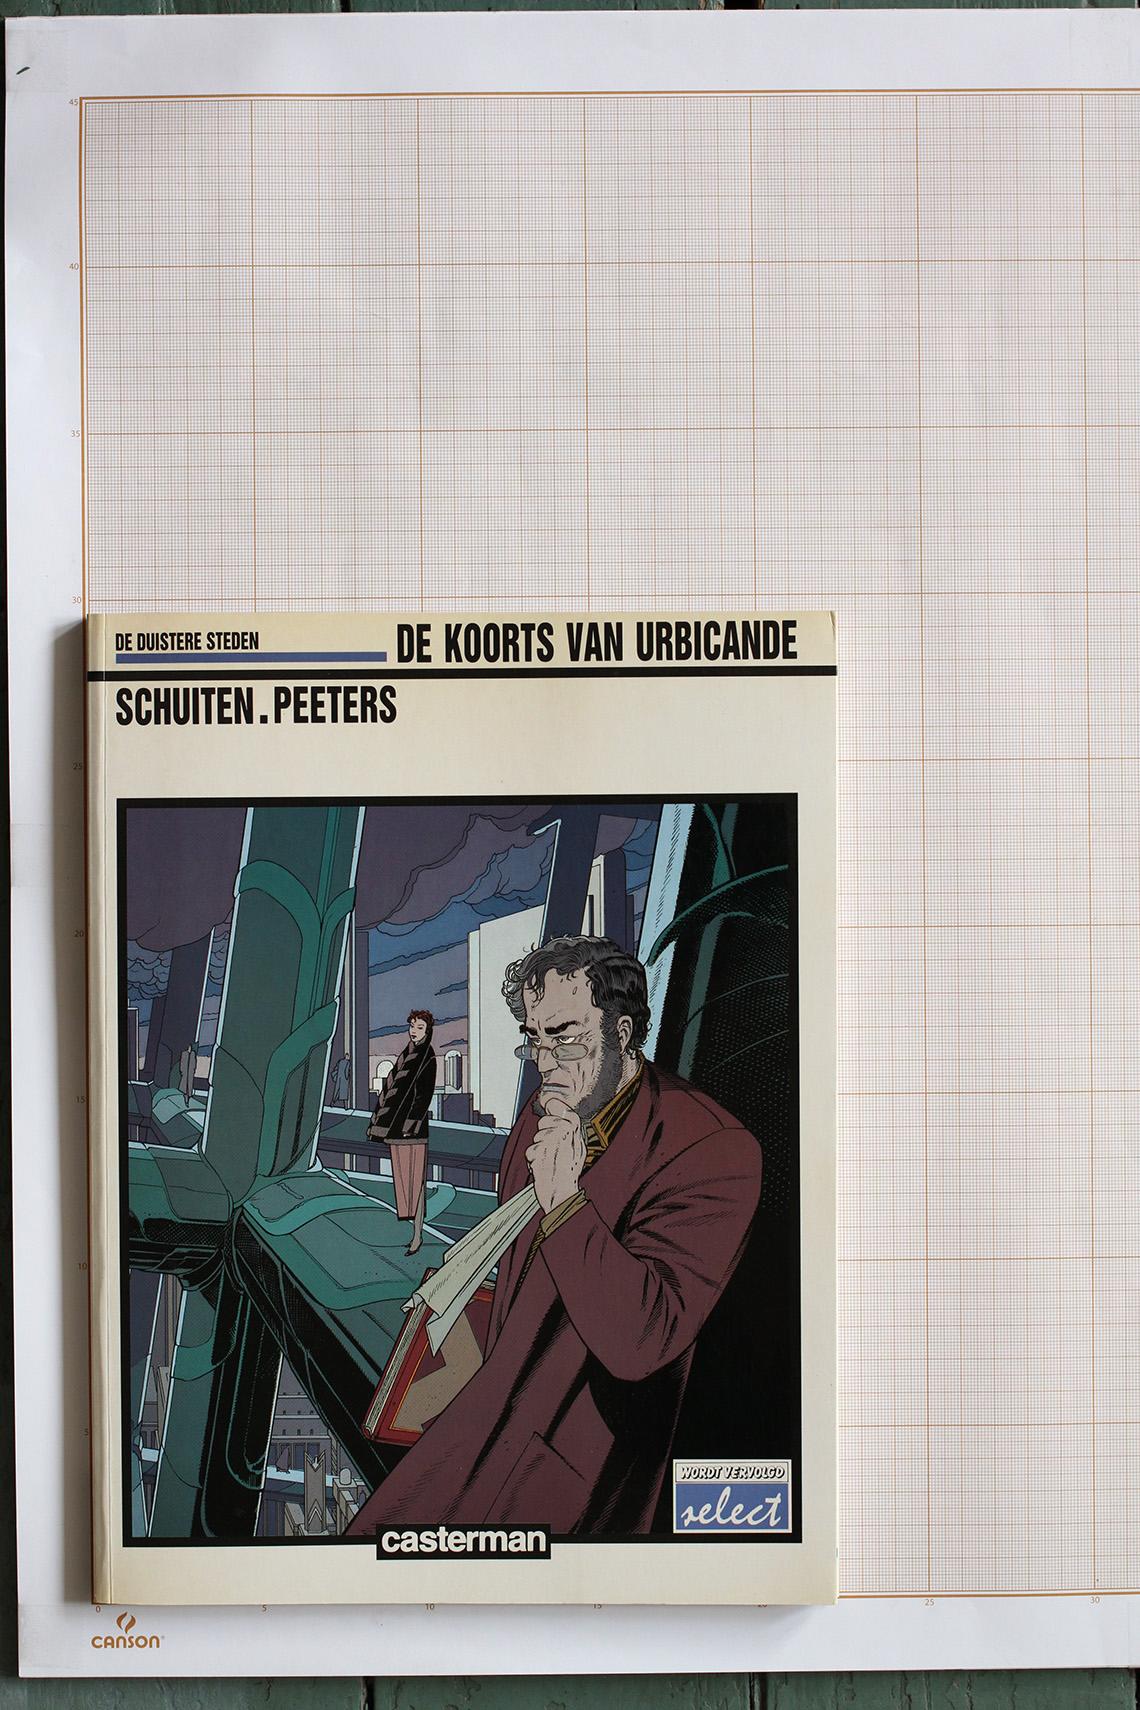 La Fièvre d'Urbicande, F.Schuiten & B.Peeters - Casterman© Maison Autrique, 1988